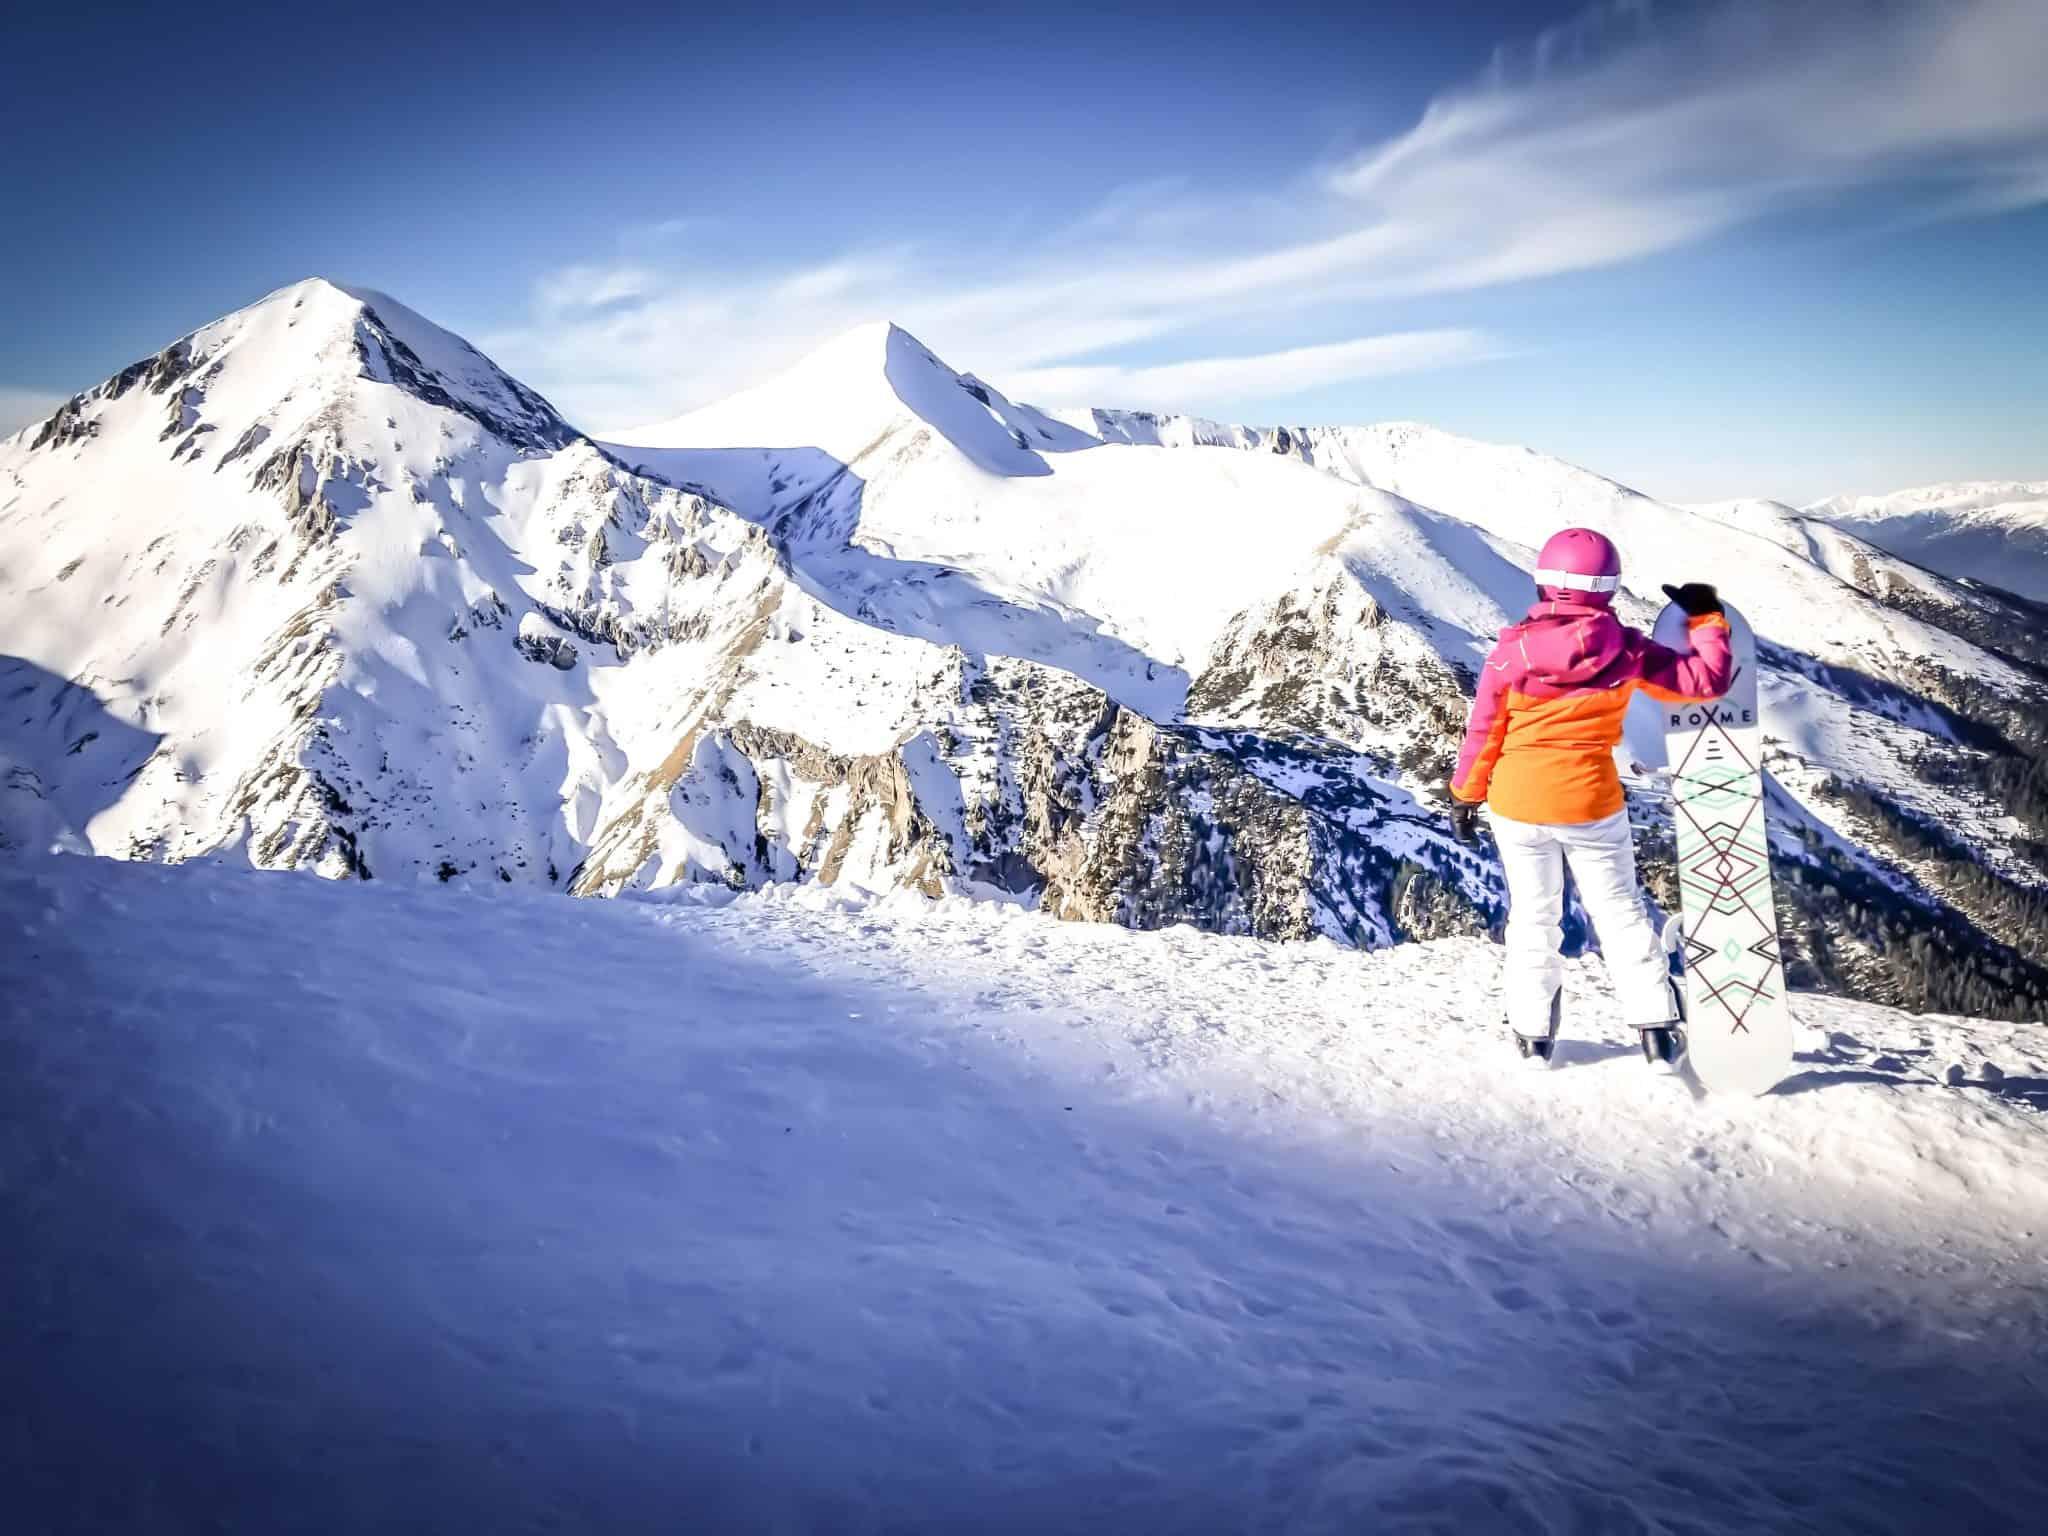 Snowboarding in Bansko